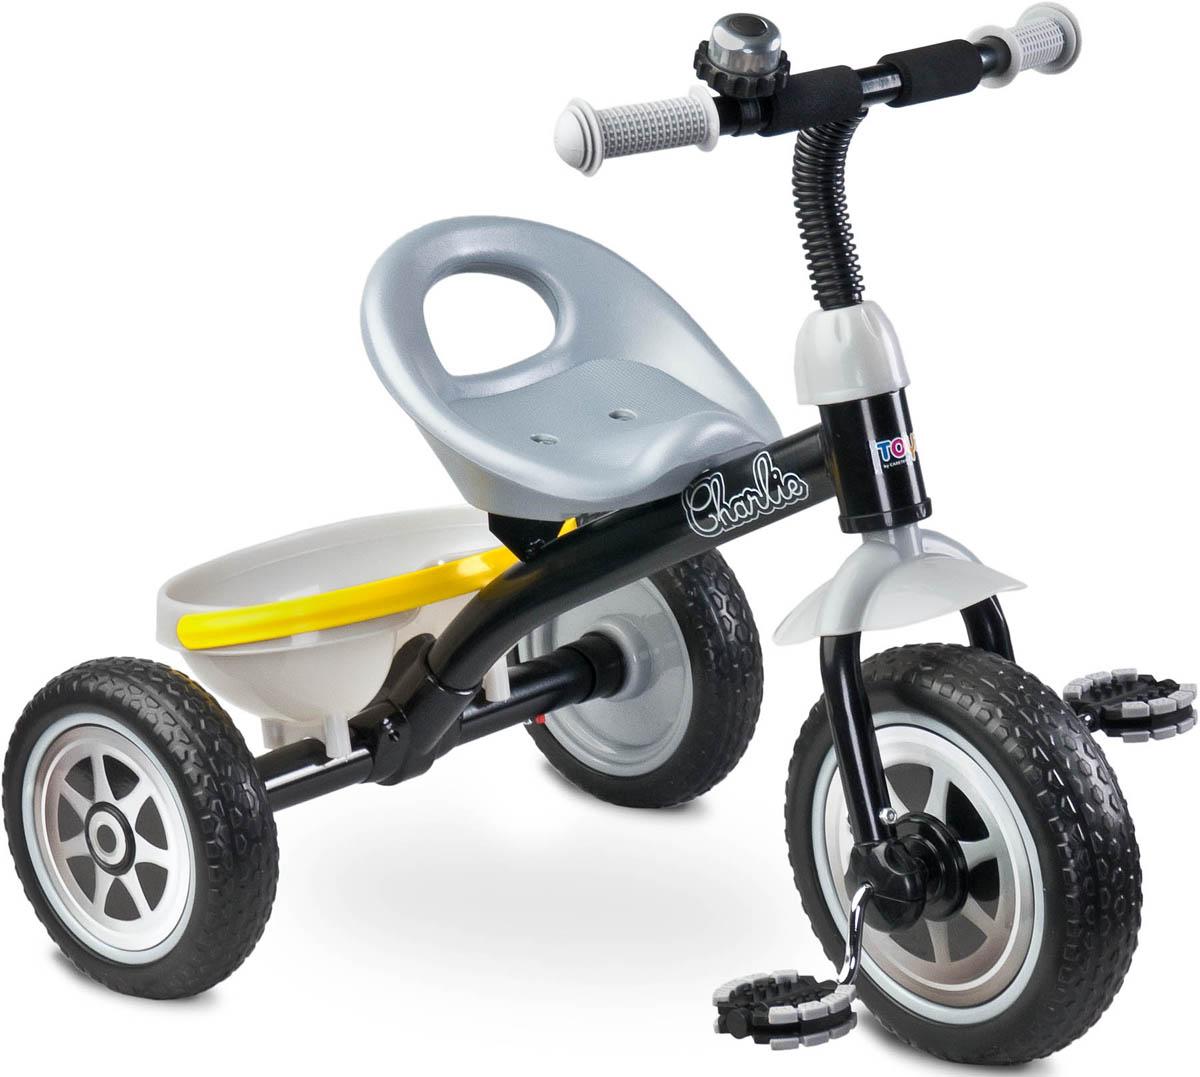 Caretero Велосипед трехколесный детский Charlie цвет серый